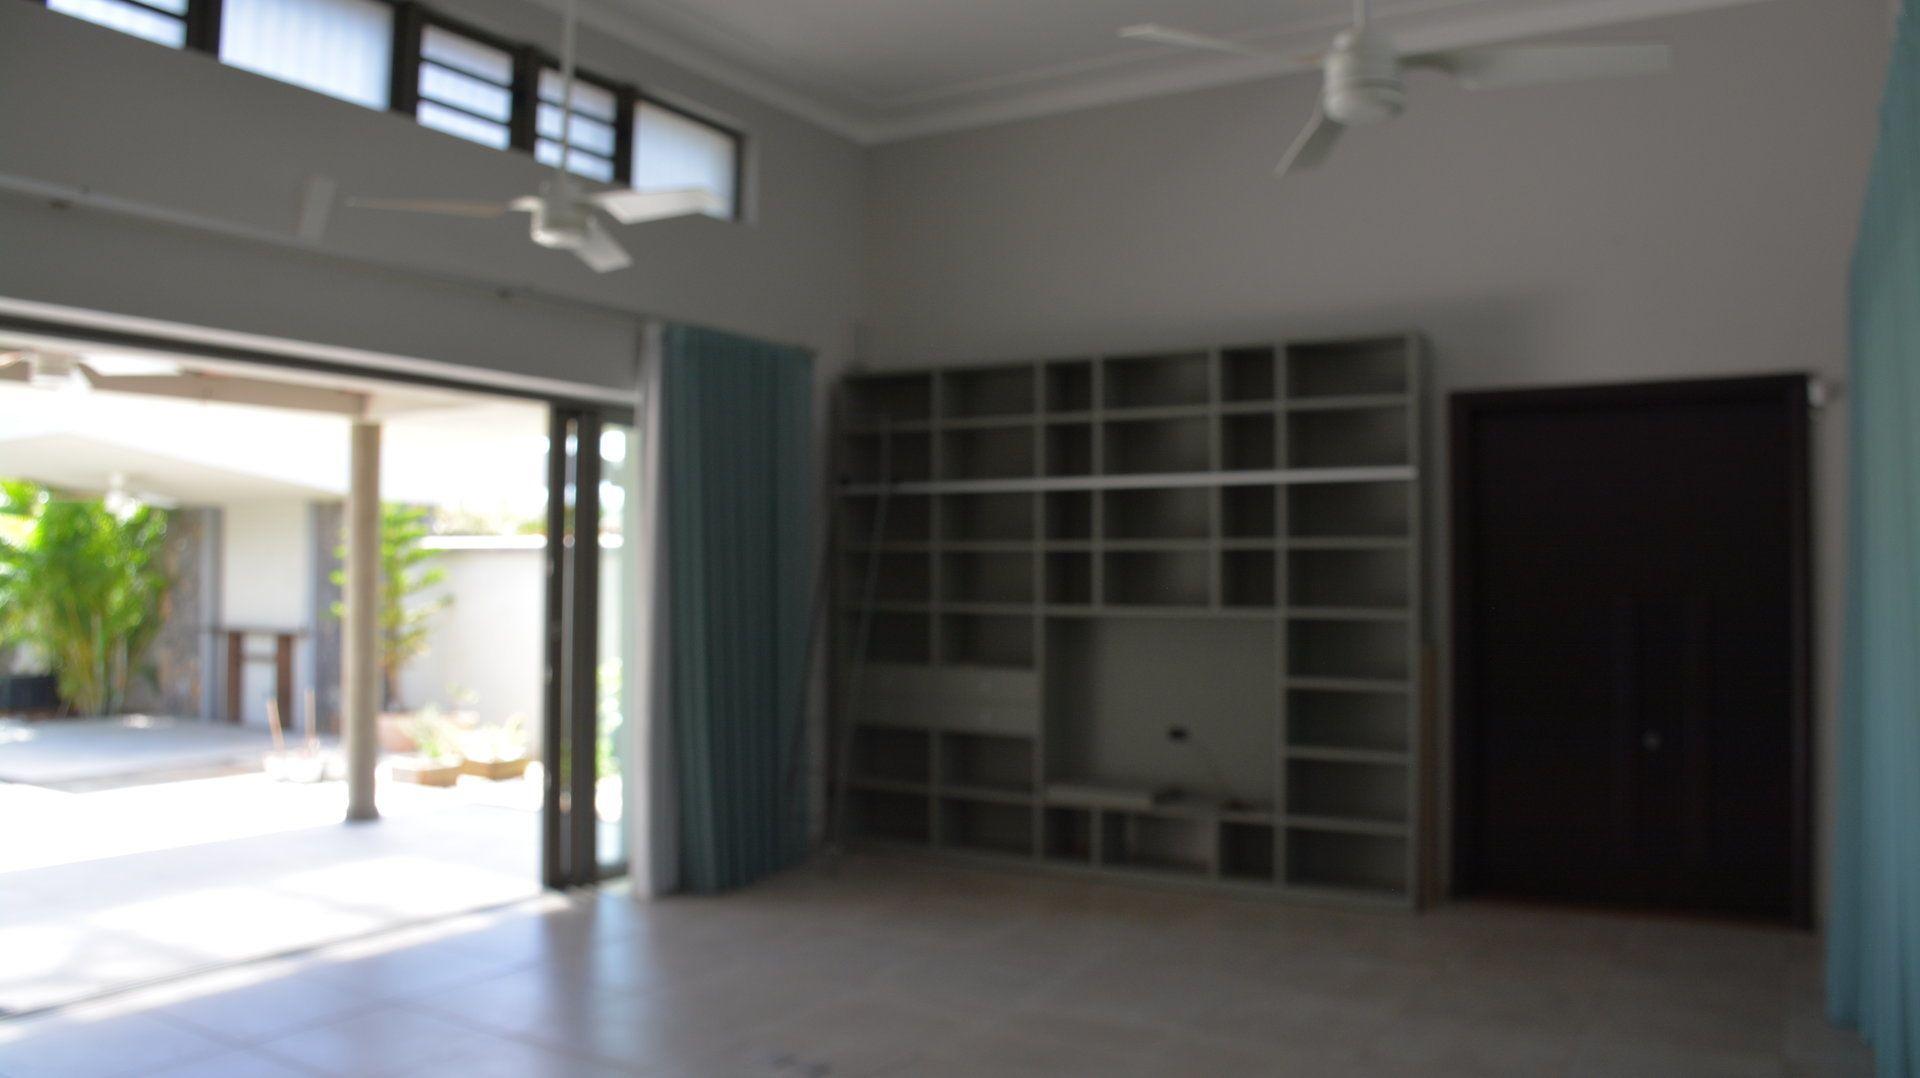 Maison à vendre 4 223m2 à Ile Maurice vignette-23